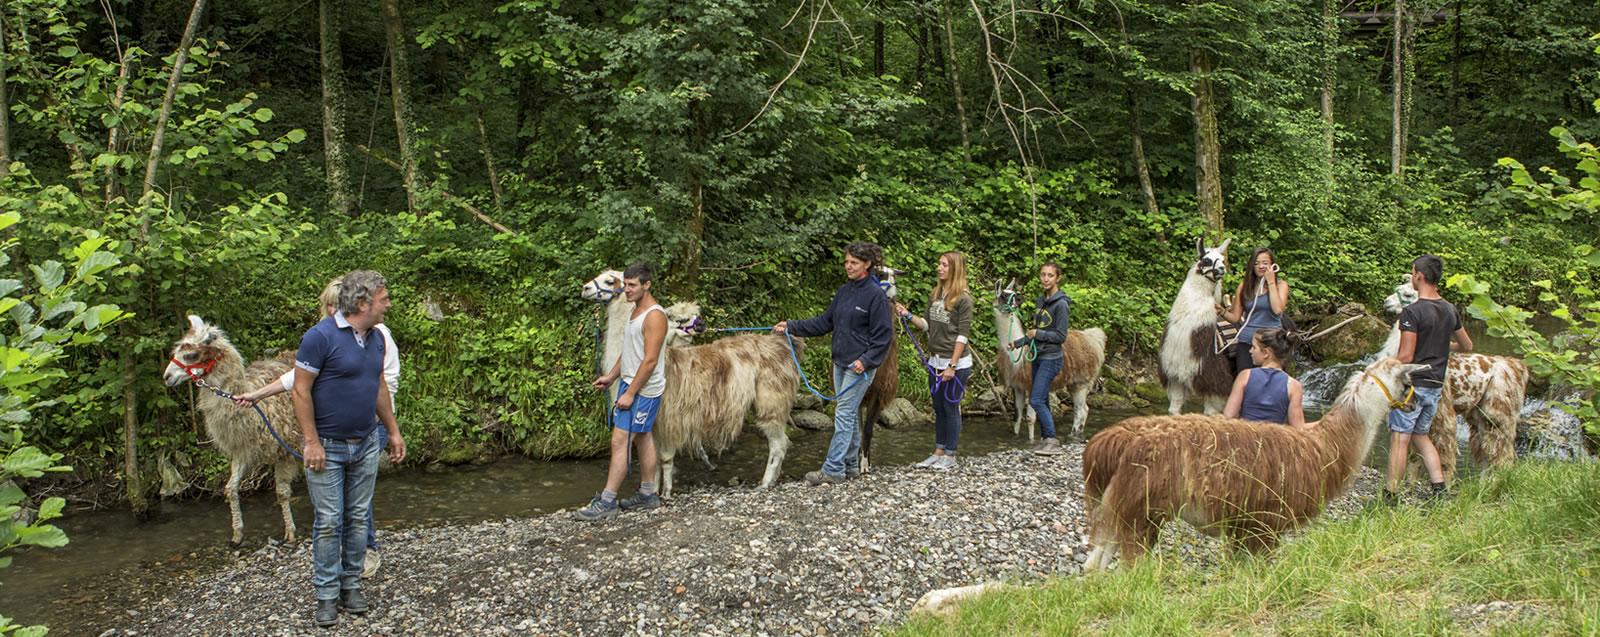 Vacanze in famiglia escursione in montagna con lama Valsecca